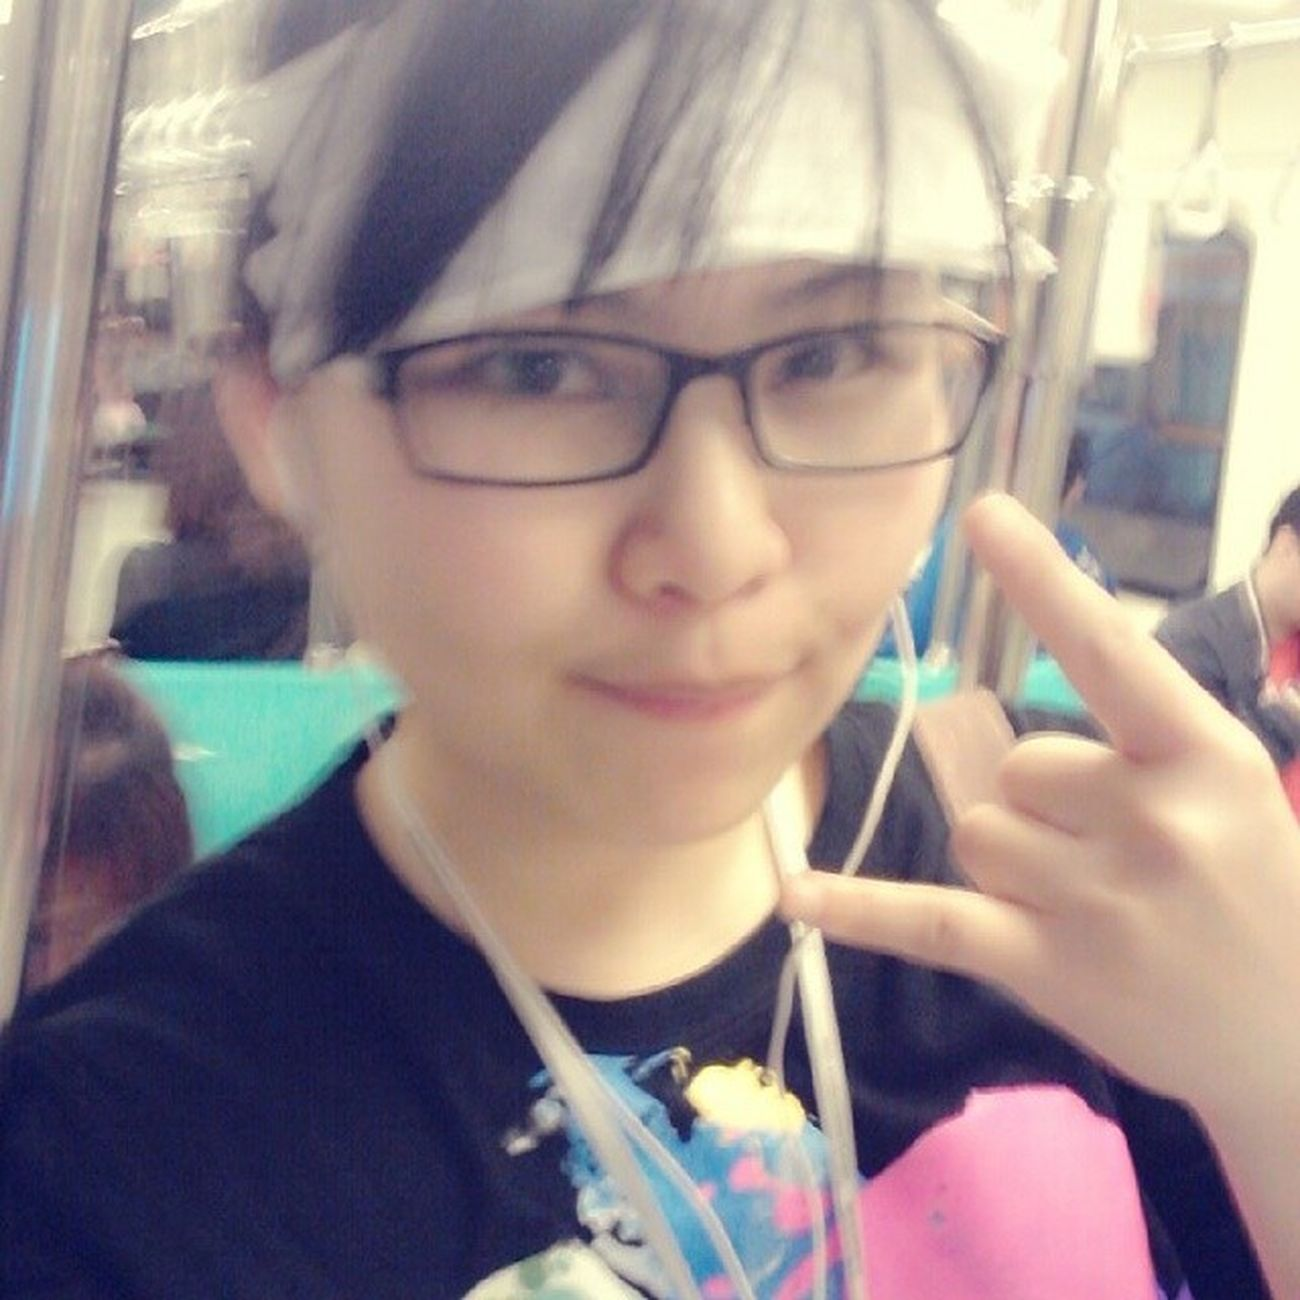 哈哈329天然的最好 小隊長演唱會結束後我用跑的趕捷運 最後到站還是搭計程車回家 哈哈 Crowd lu 329 天然的最好的 Taipei 小巨蛋 天氣好 心情好